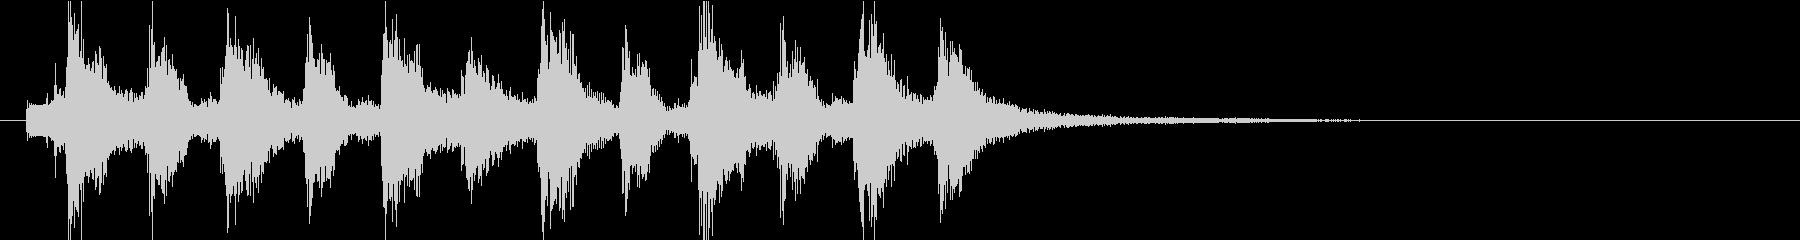 ピチカートの場転用ジングルの未再生の波形